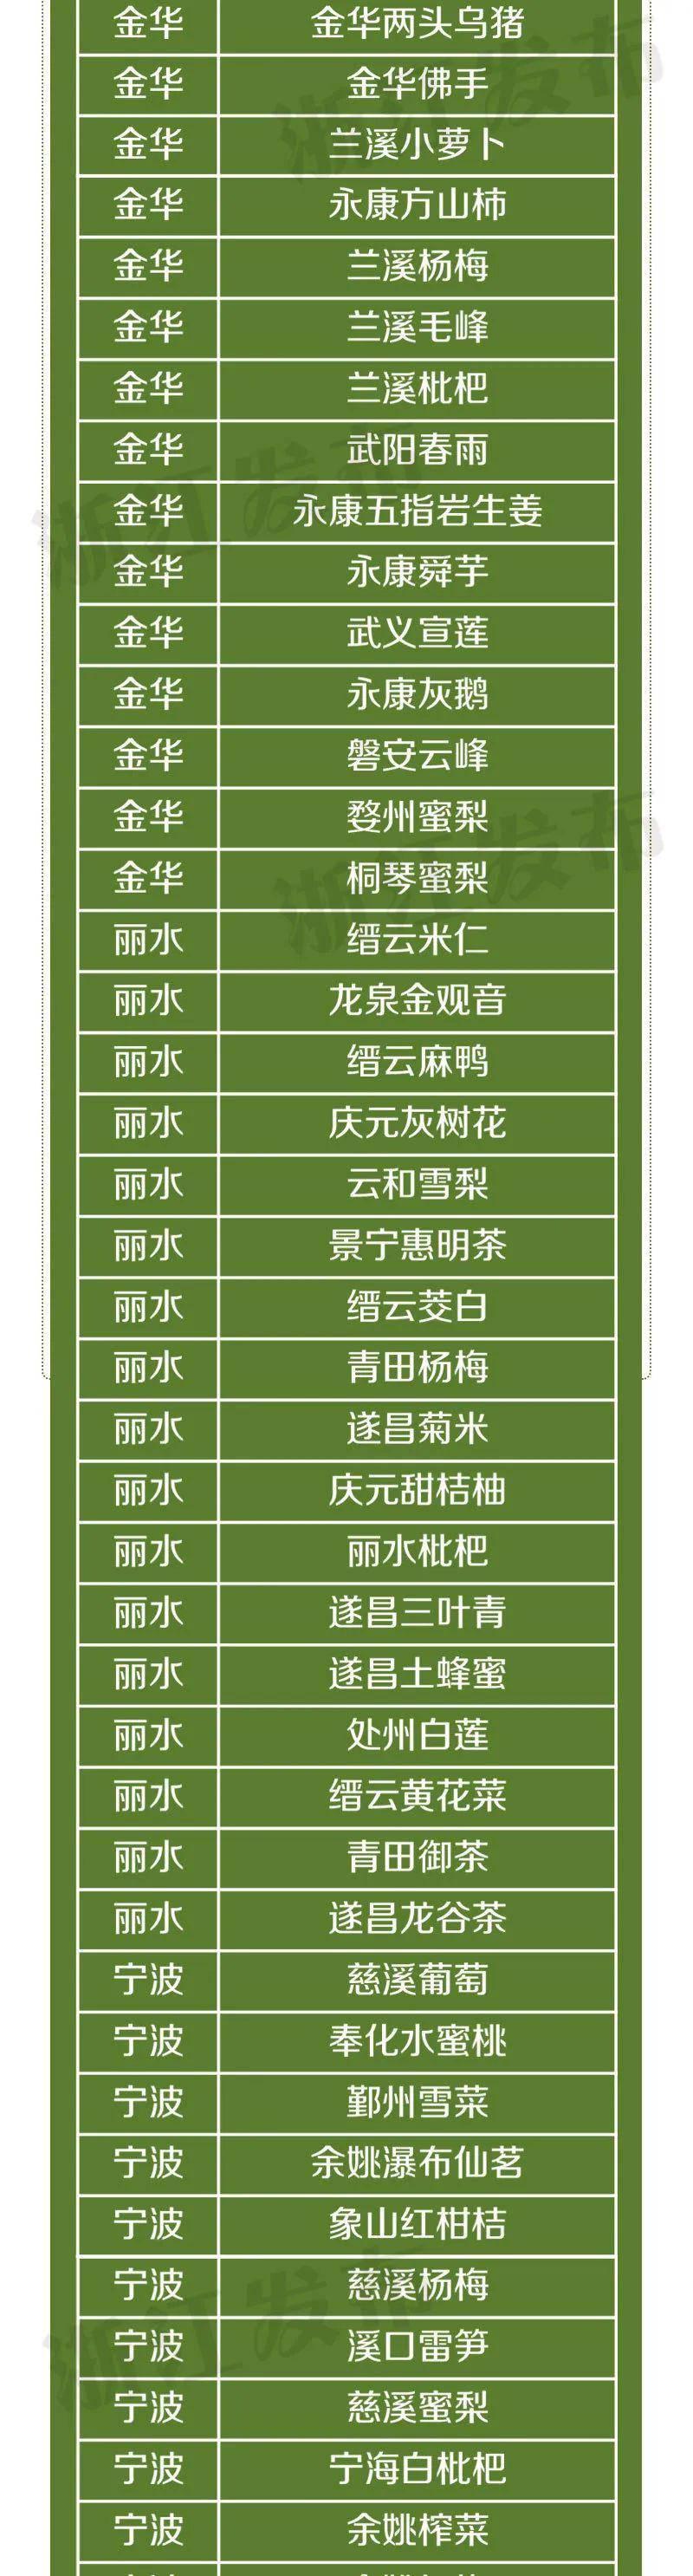 【浙江榜单】2020年浙江省第一批国家农产品地理标志(26个)图3